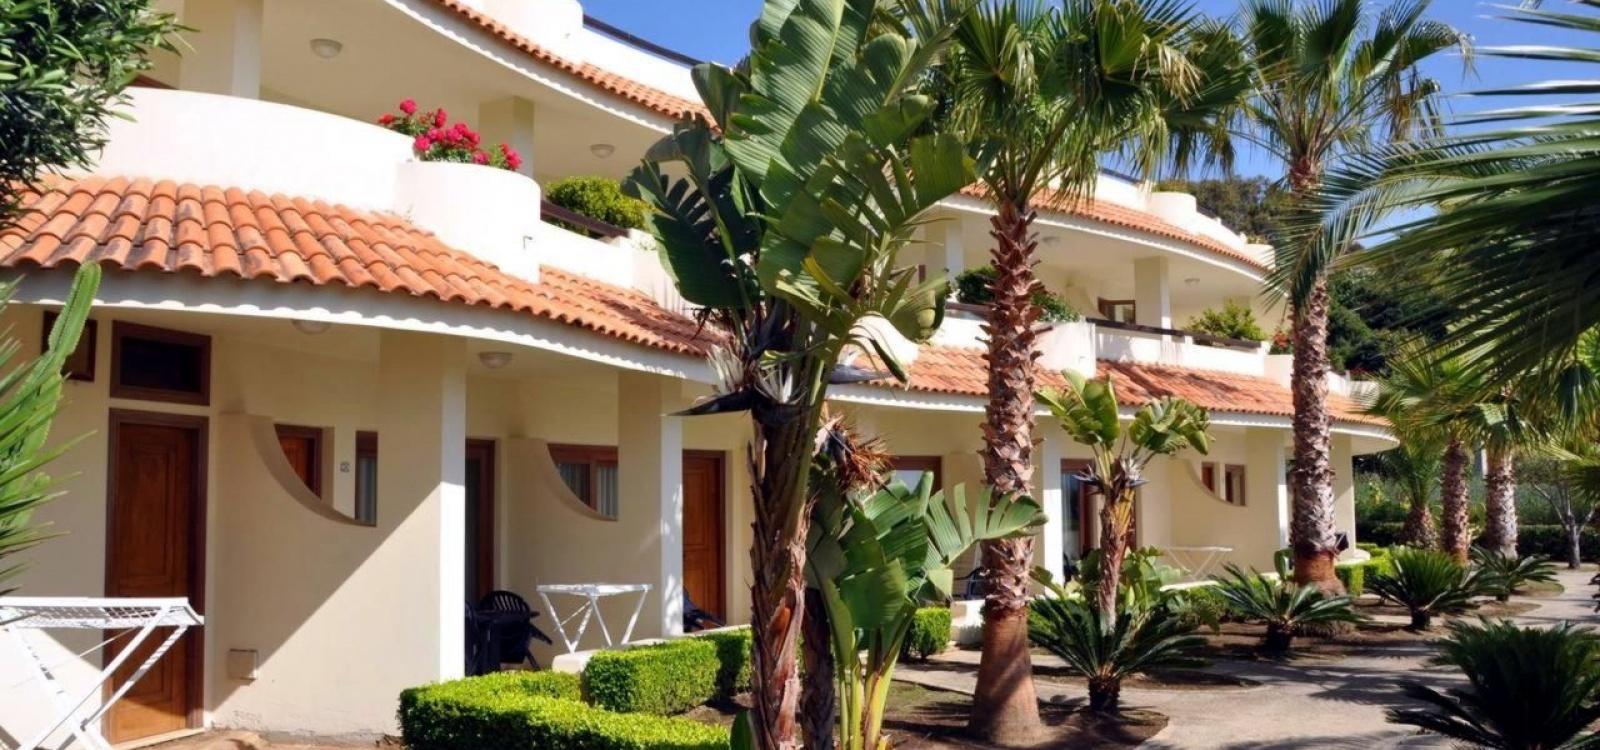 Verande camere Hotel Scoglio del Leone